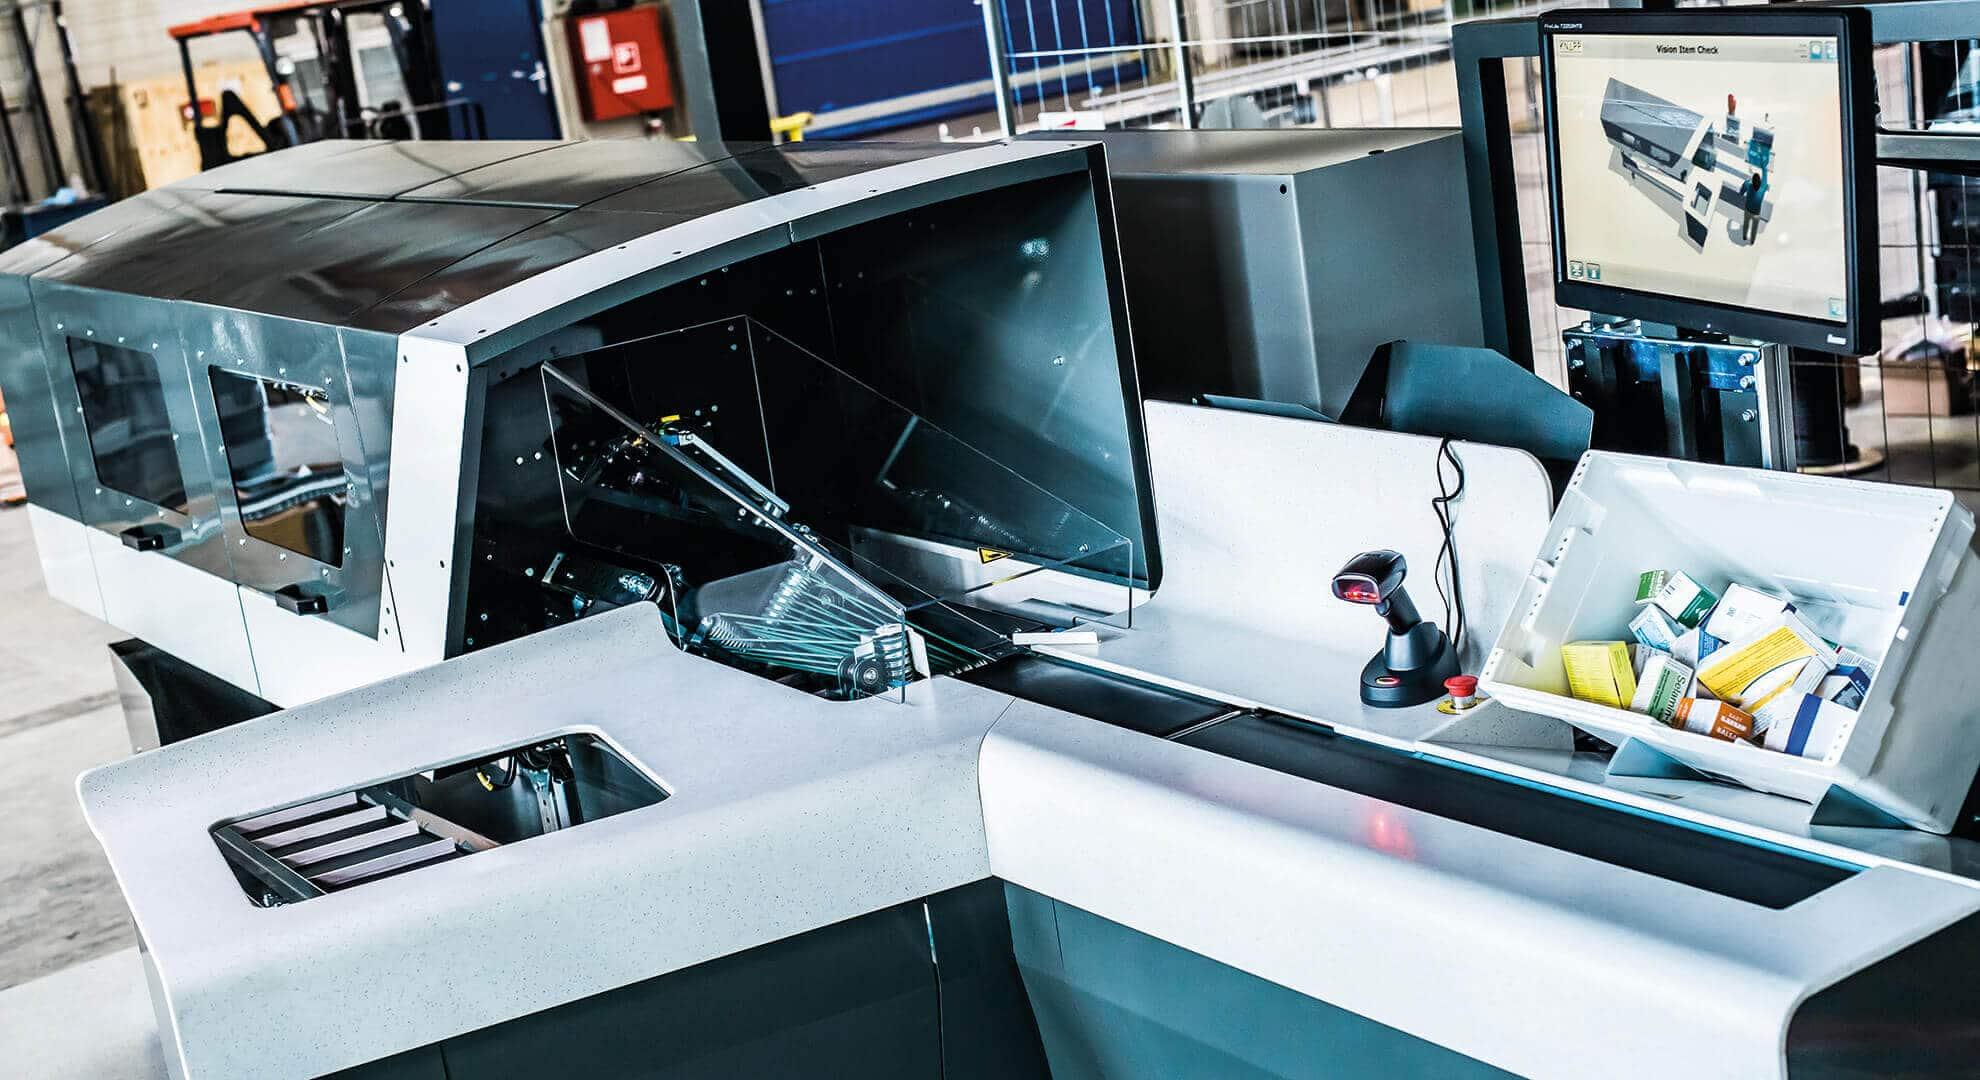 loesungen_technologien_arbeitsplaetze_vision_item_check